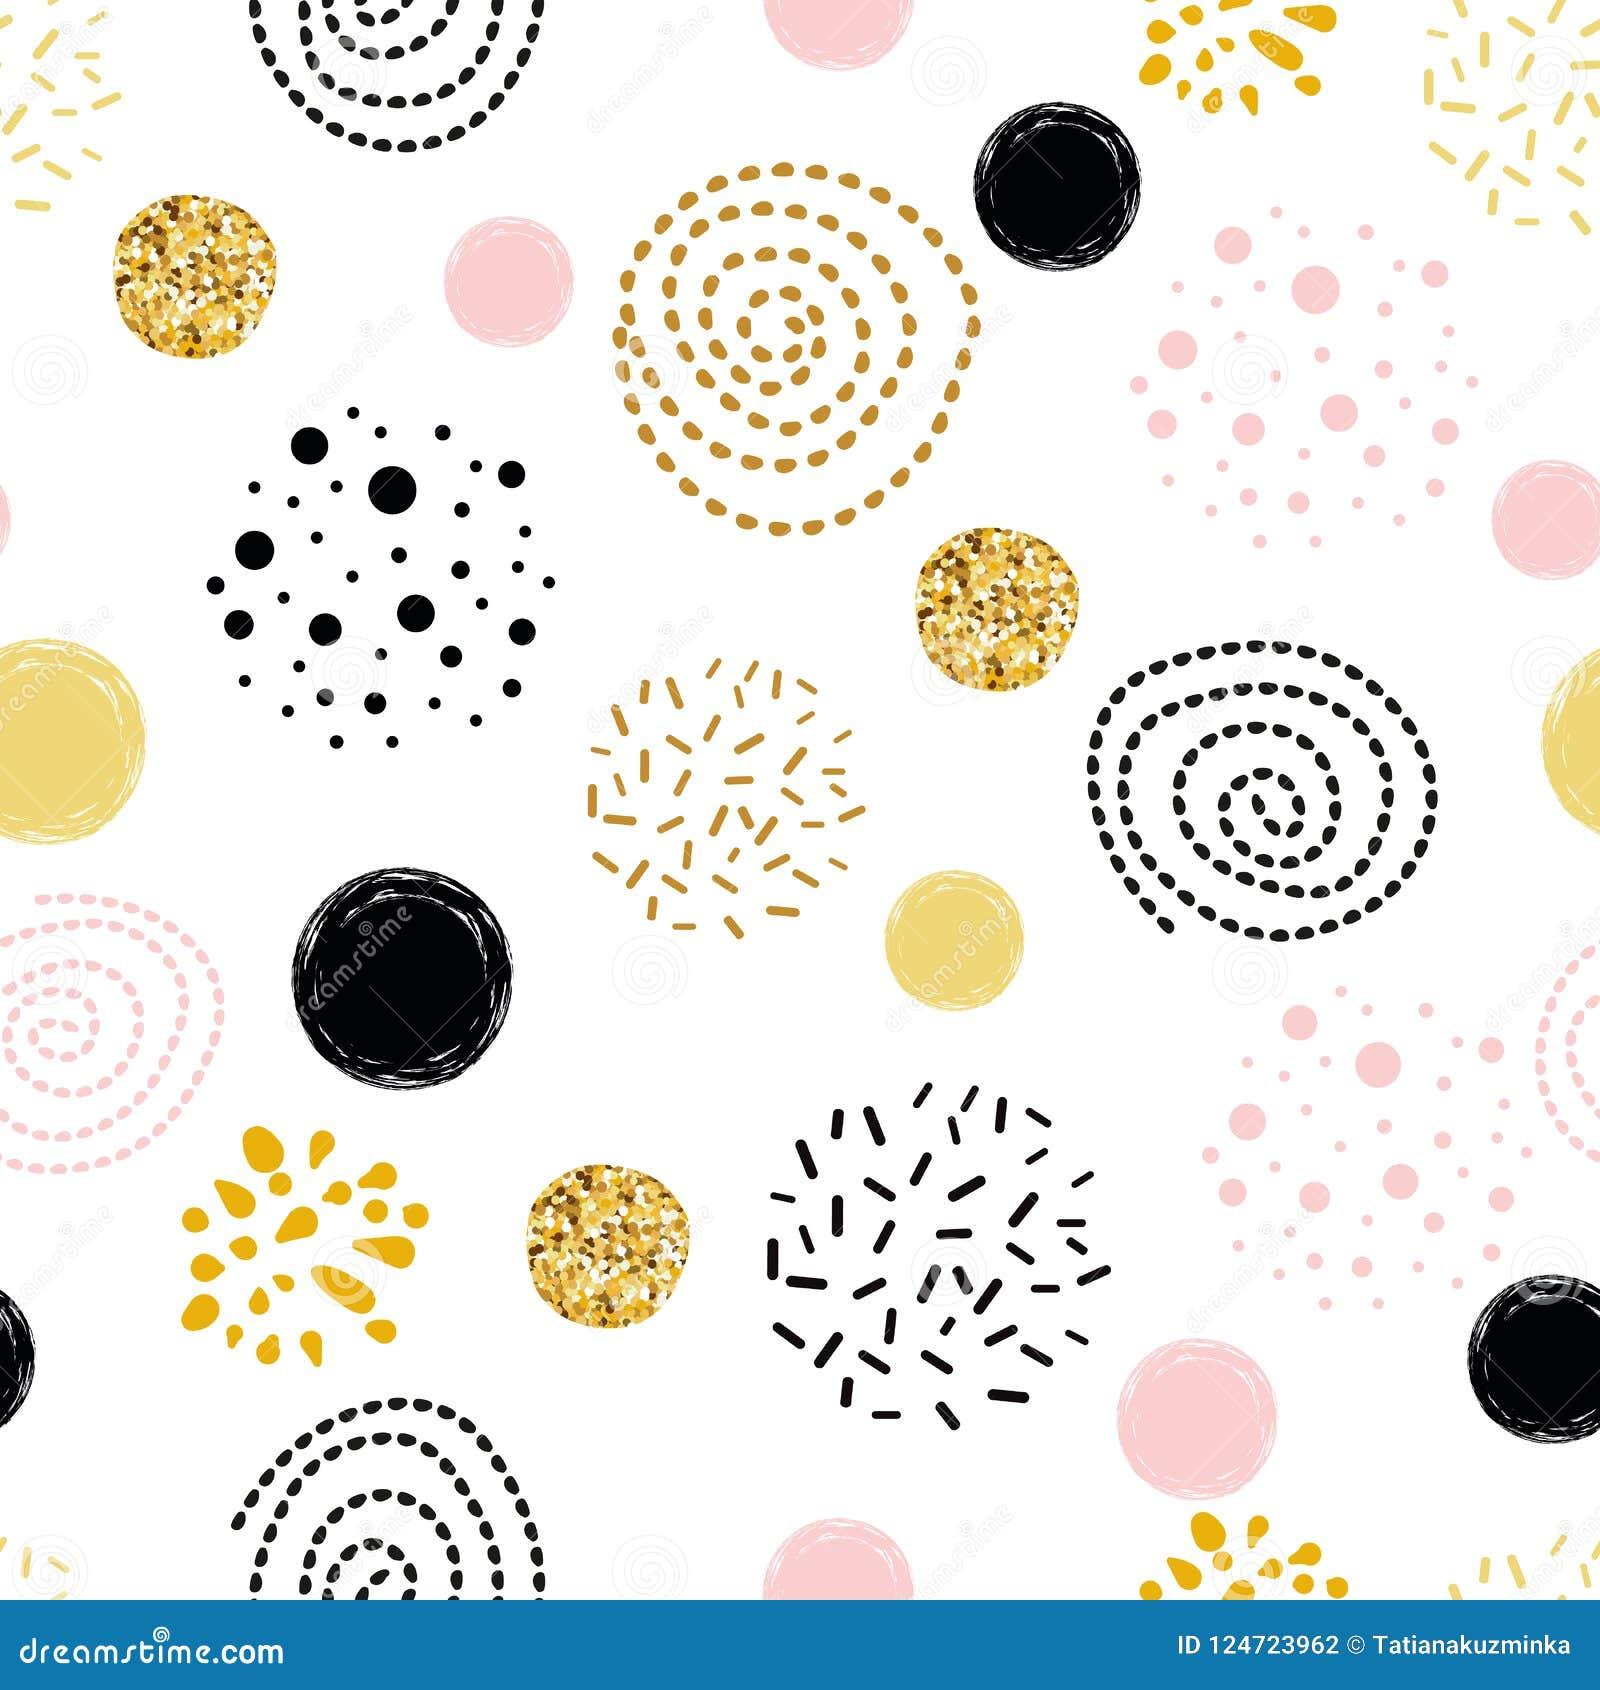 Vector da mão dourada do sumário do às bolinhas do teste padrão ornamento sem emenda elementos tirados decorados do círculo, cor-